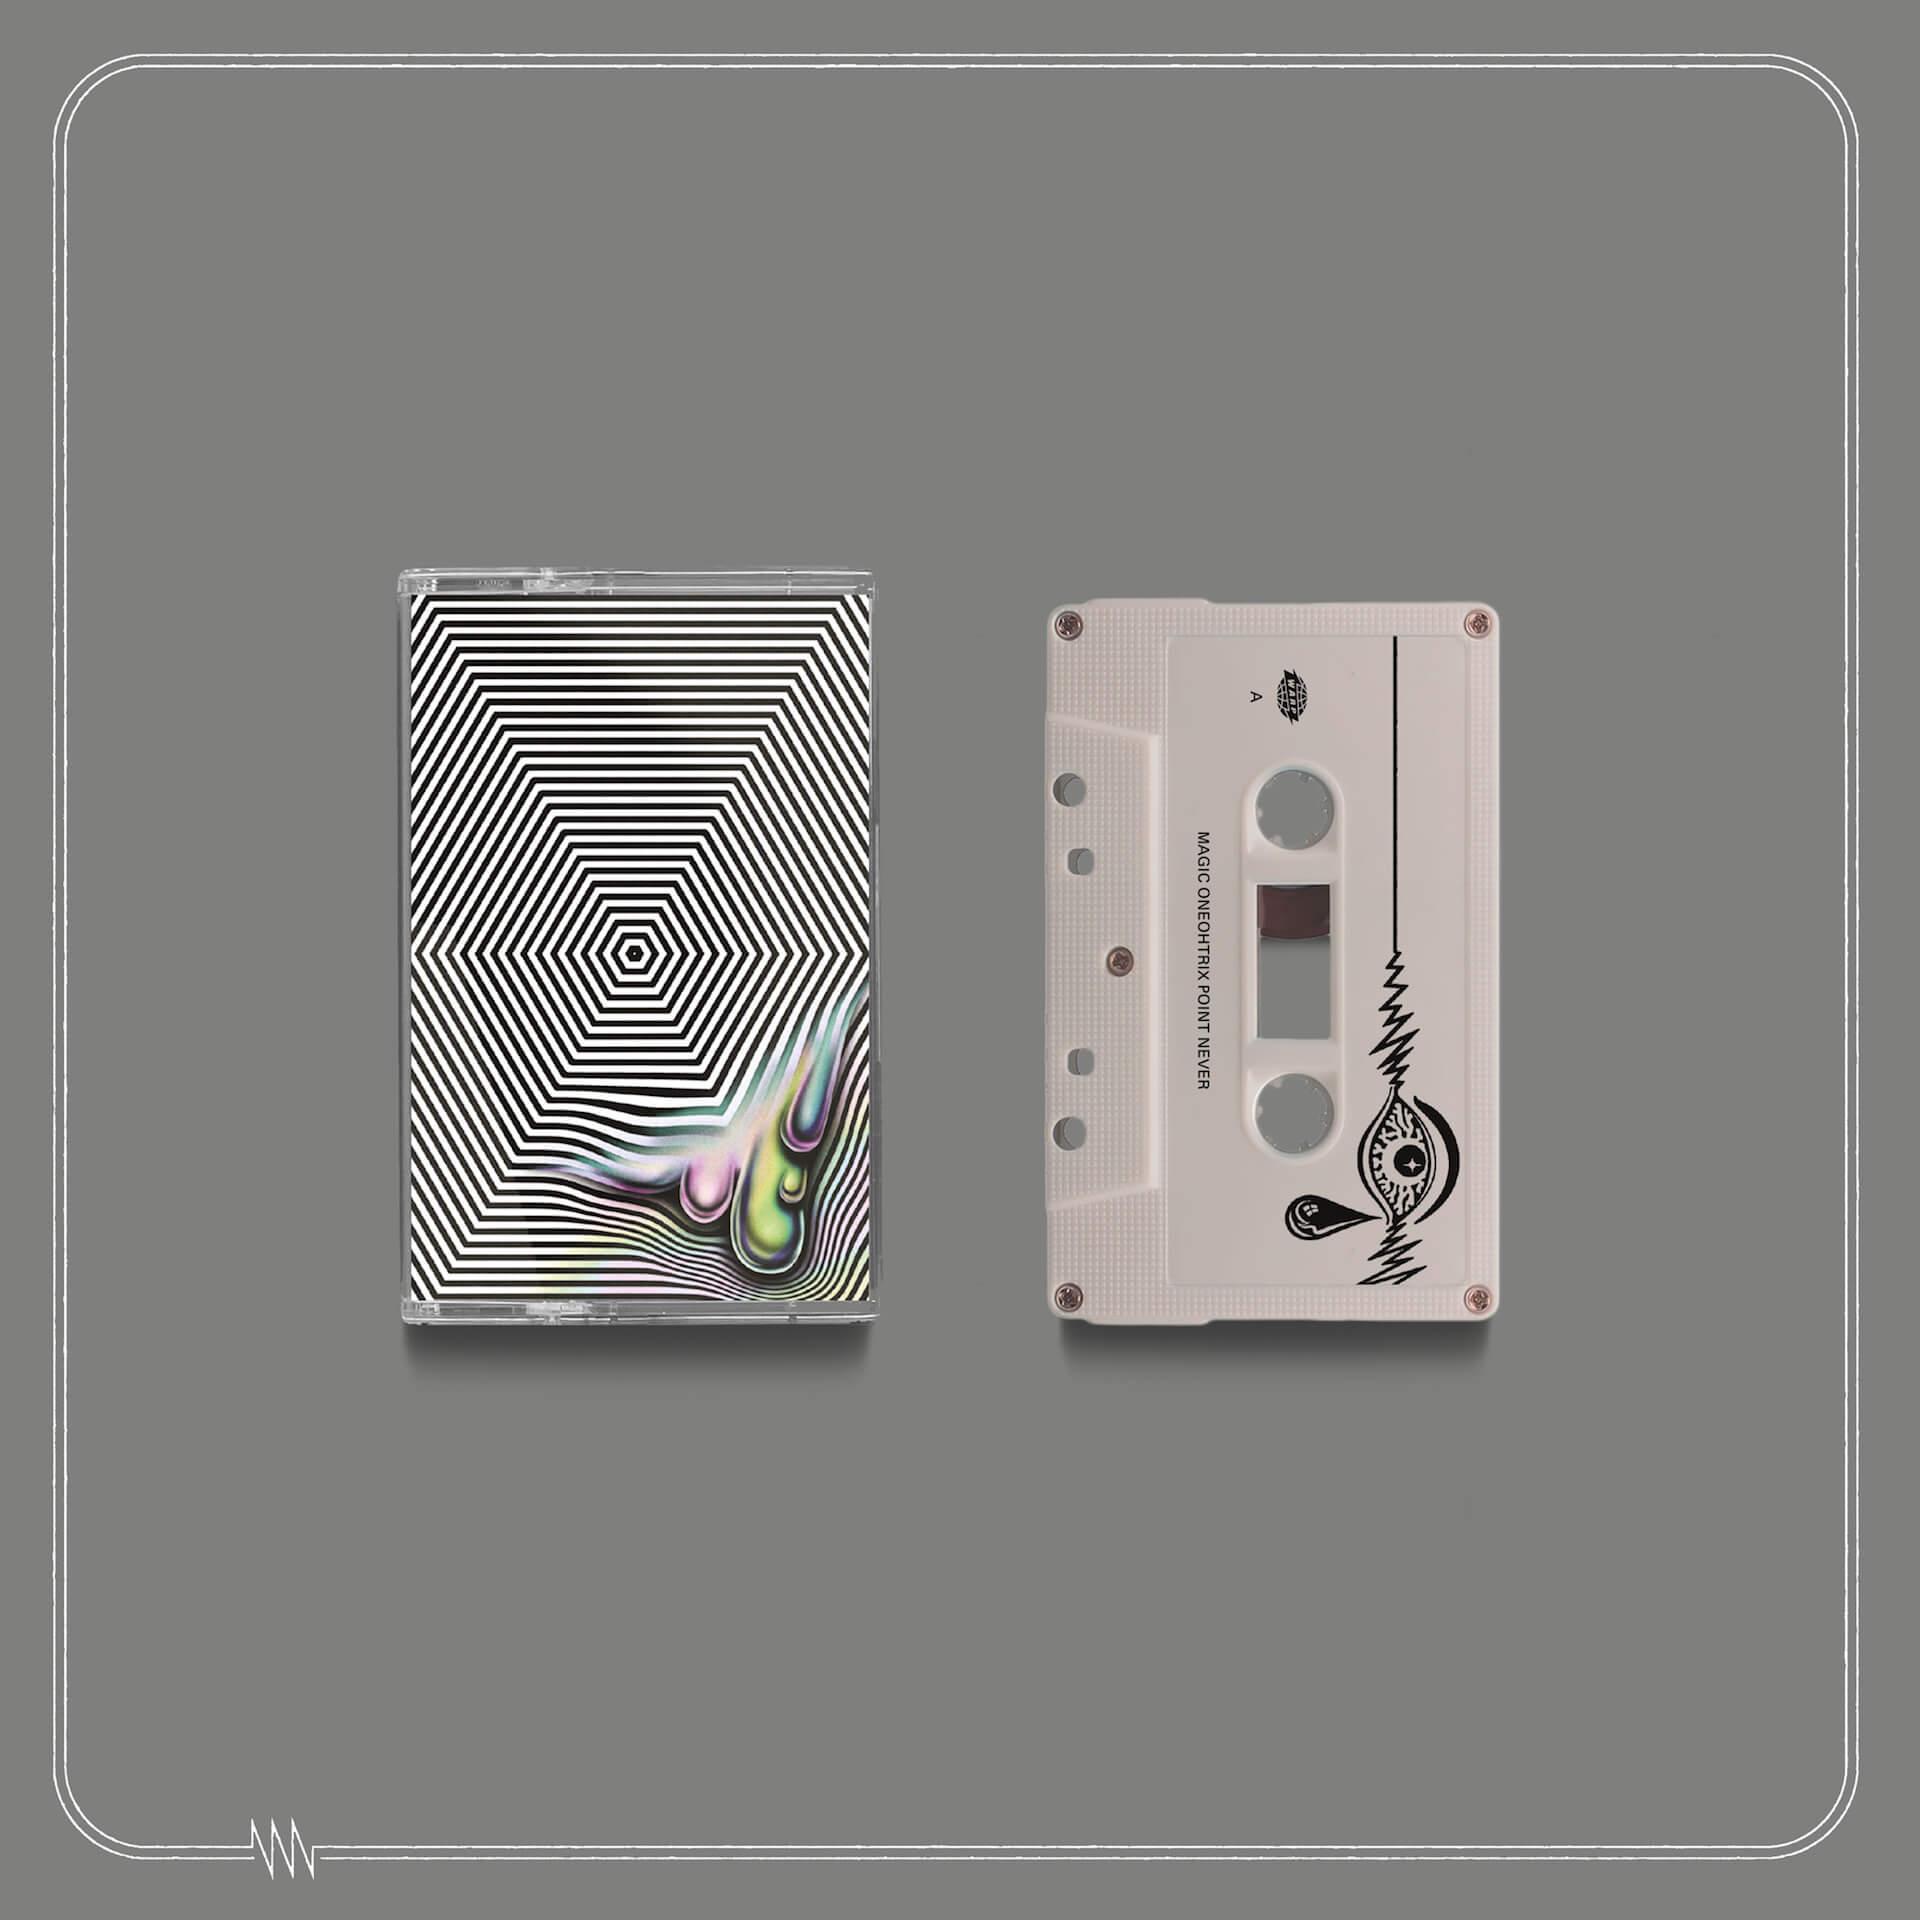 Oneohtrix Point Neverの新アルバム『Magic Oneohtrix Point Never』がリリース決定!シングル3曲をまとめたパッケージが公開 music200924_opn_7